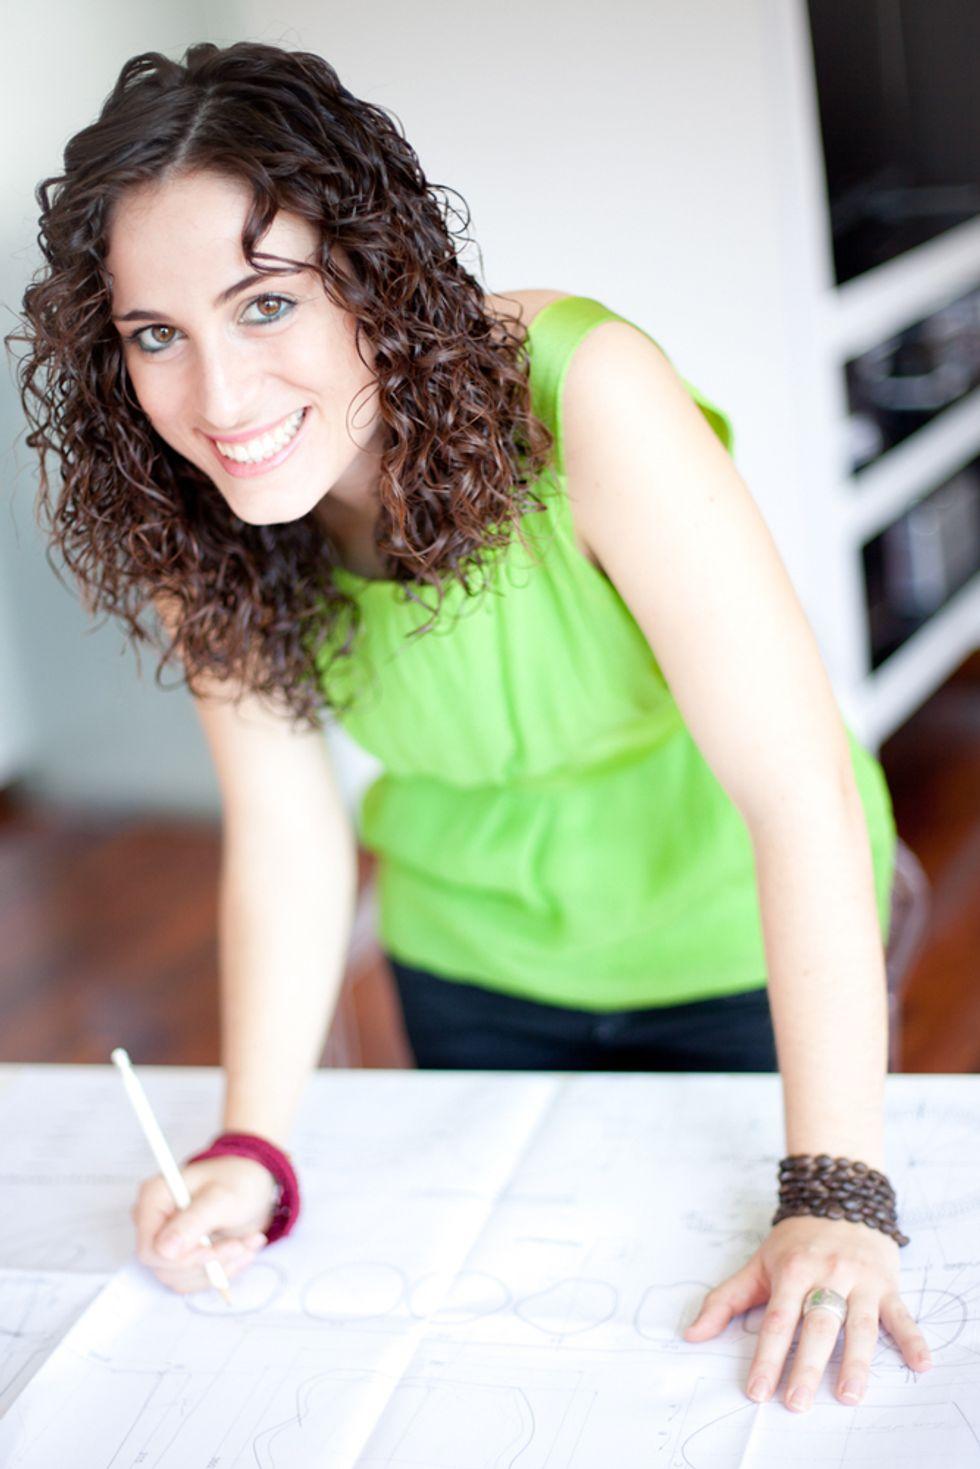 Caterina Falleni e il frigorifero che funziona senza corrente